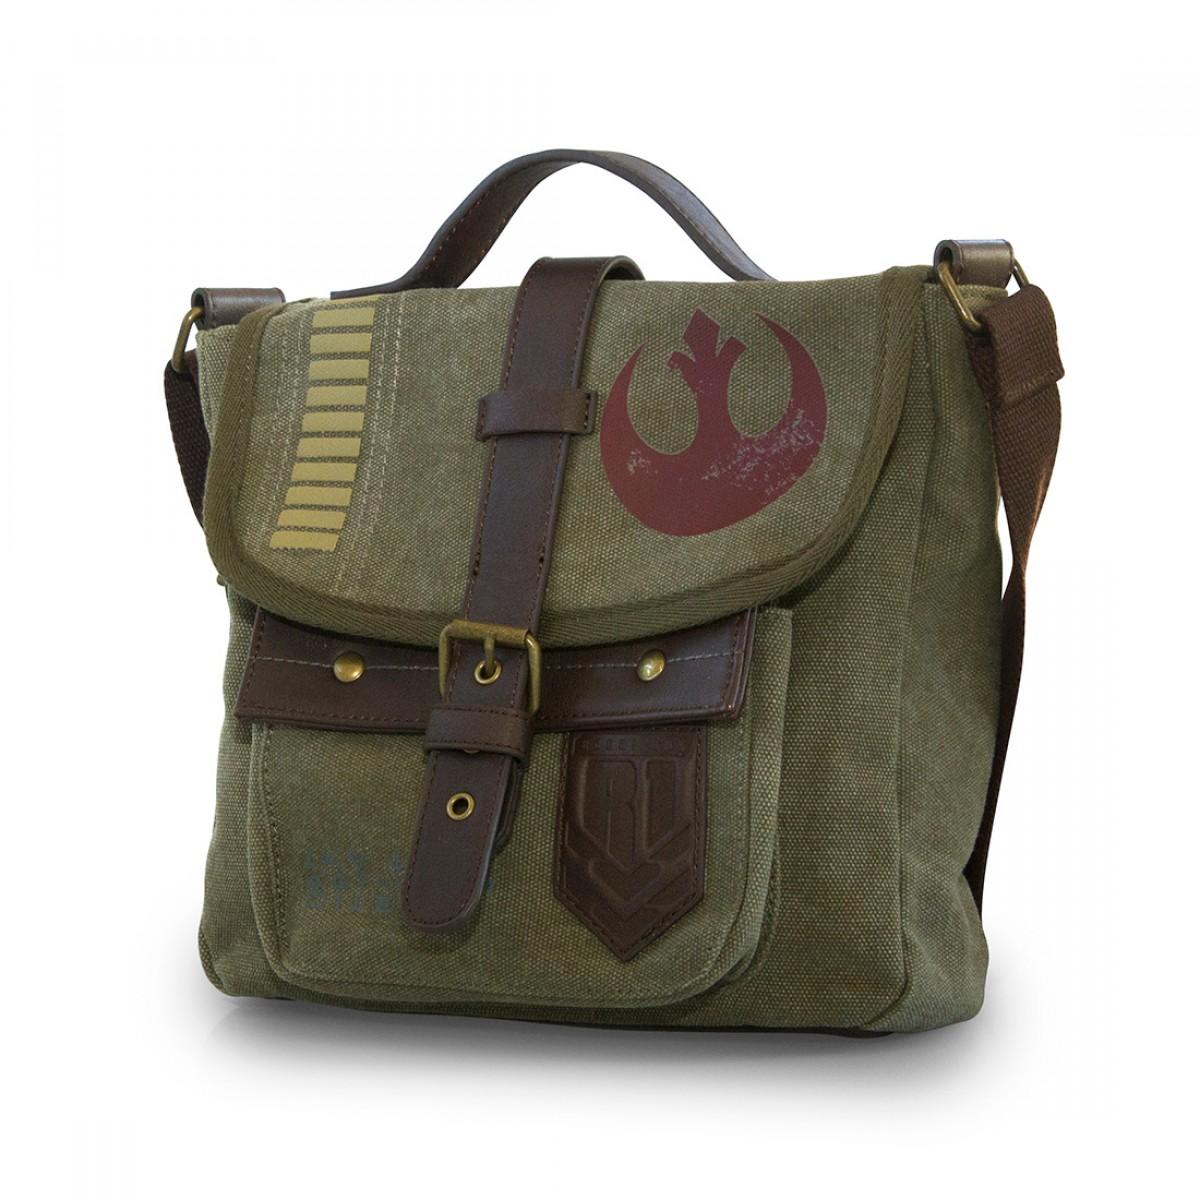 Star Wars Rogue One Rebel Alliance Crossbody Messenger Bag ad22d44d8b0ba